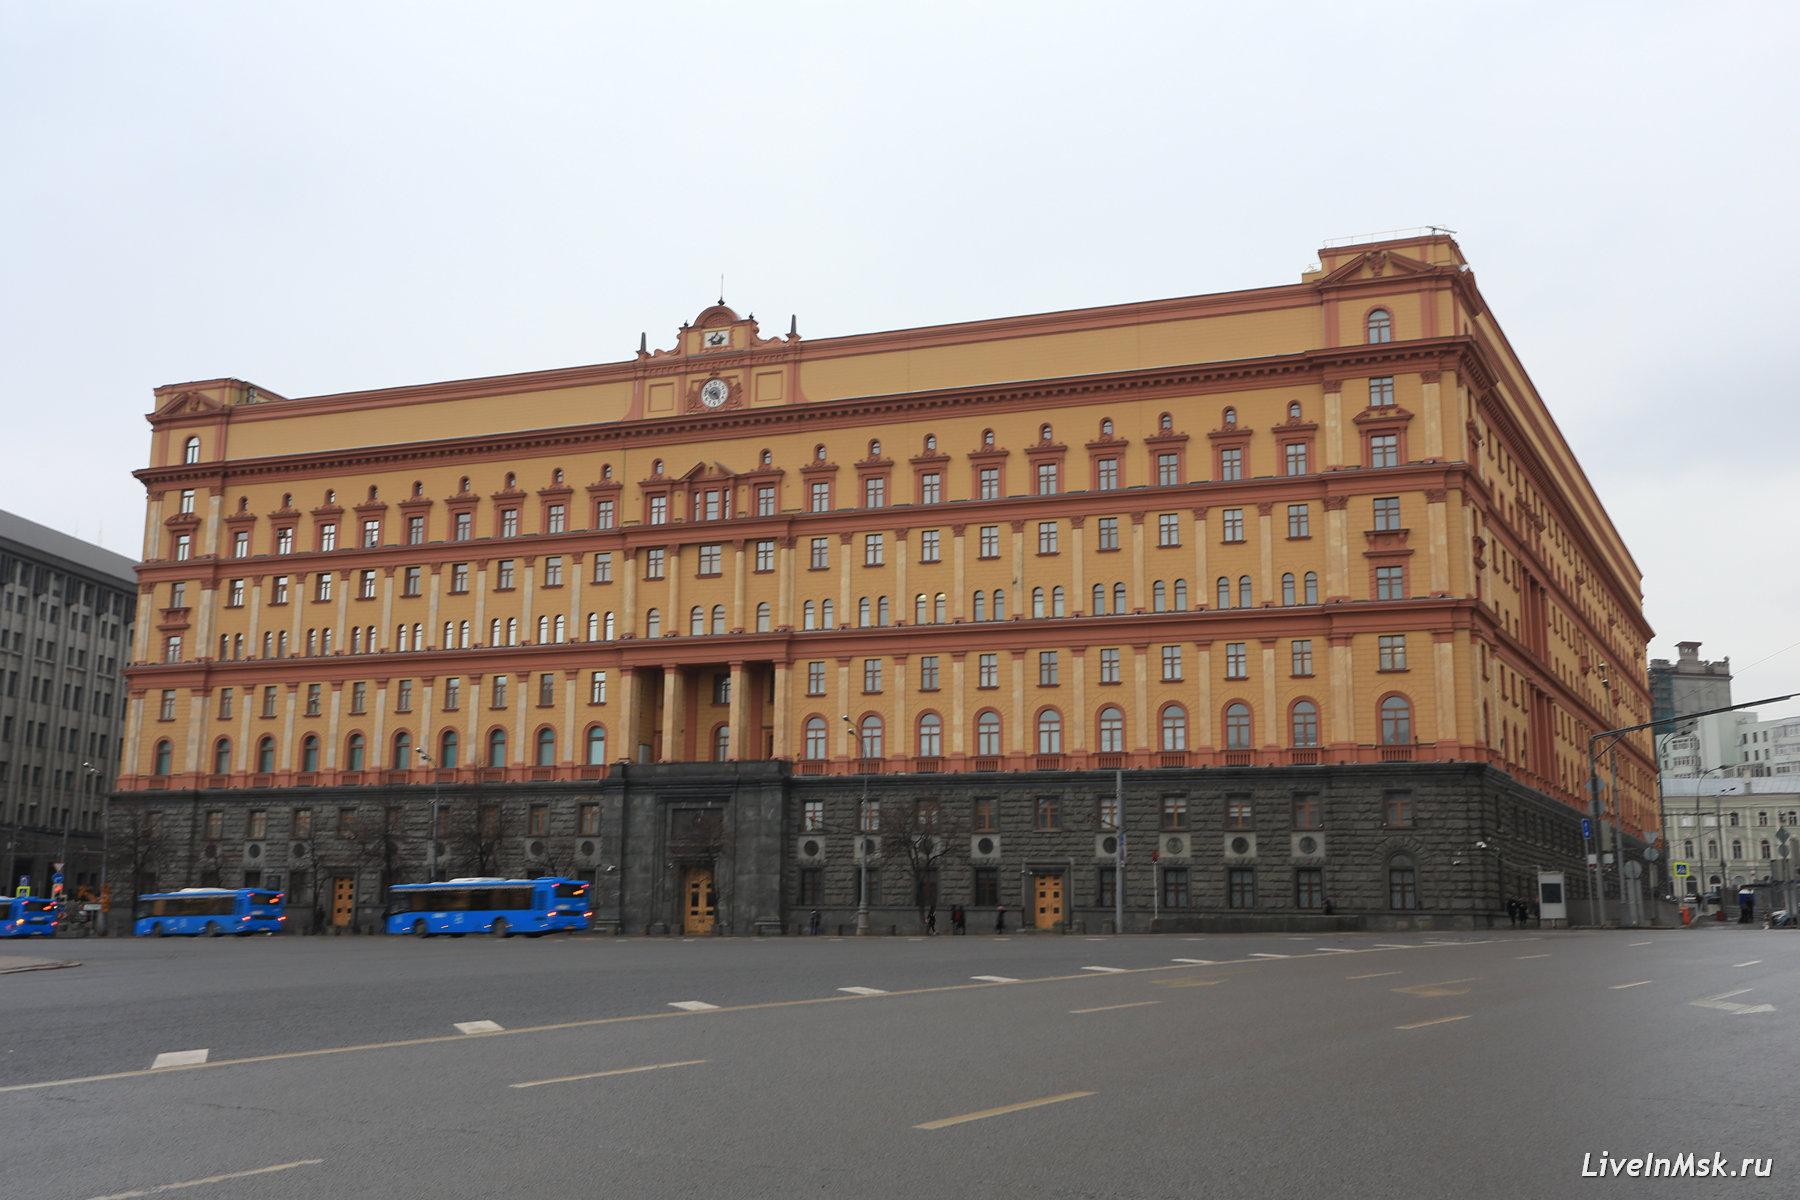 Здание ФСБ на Лубянке, фото 2017 года